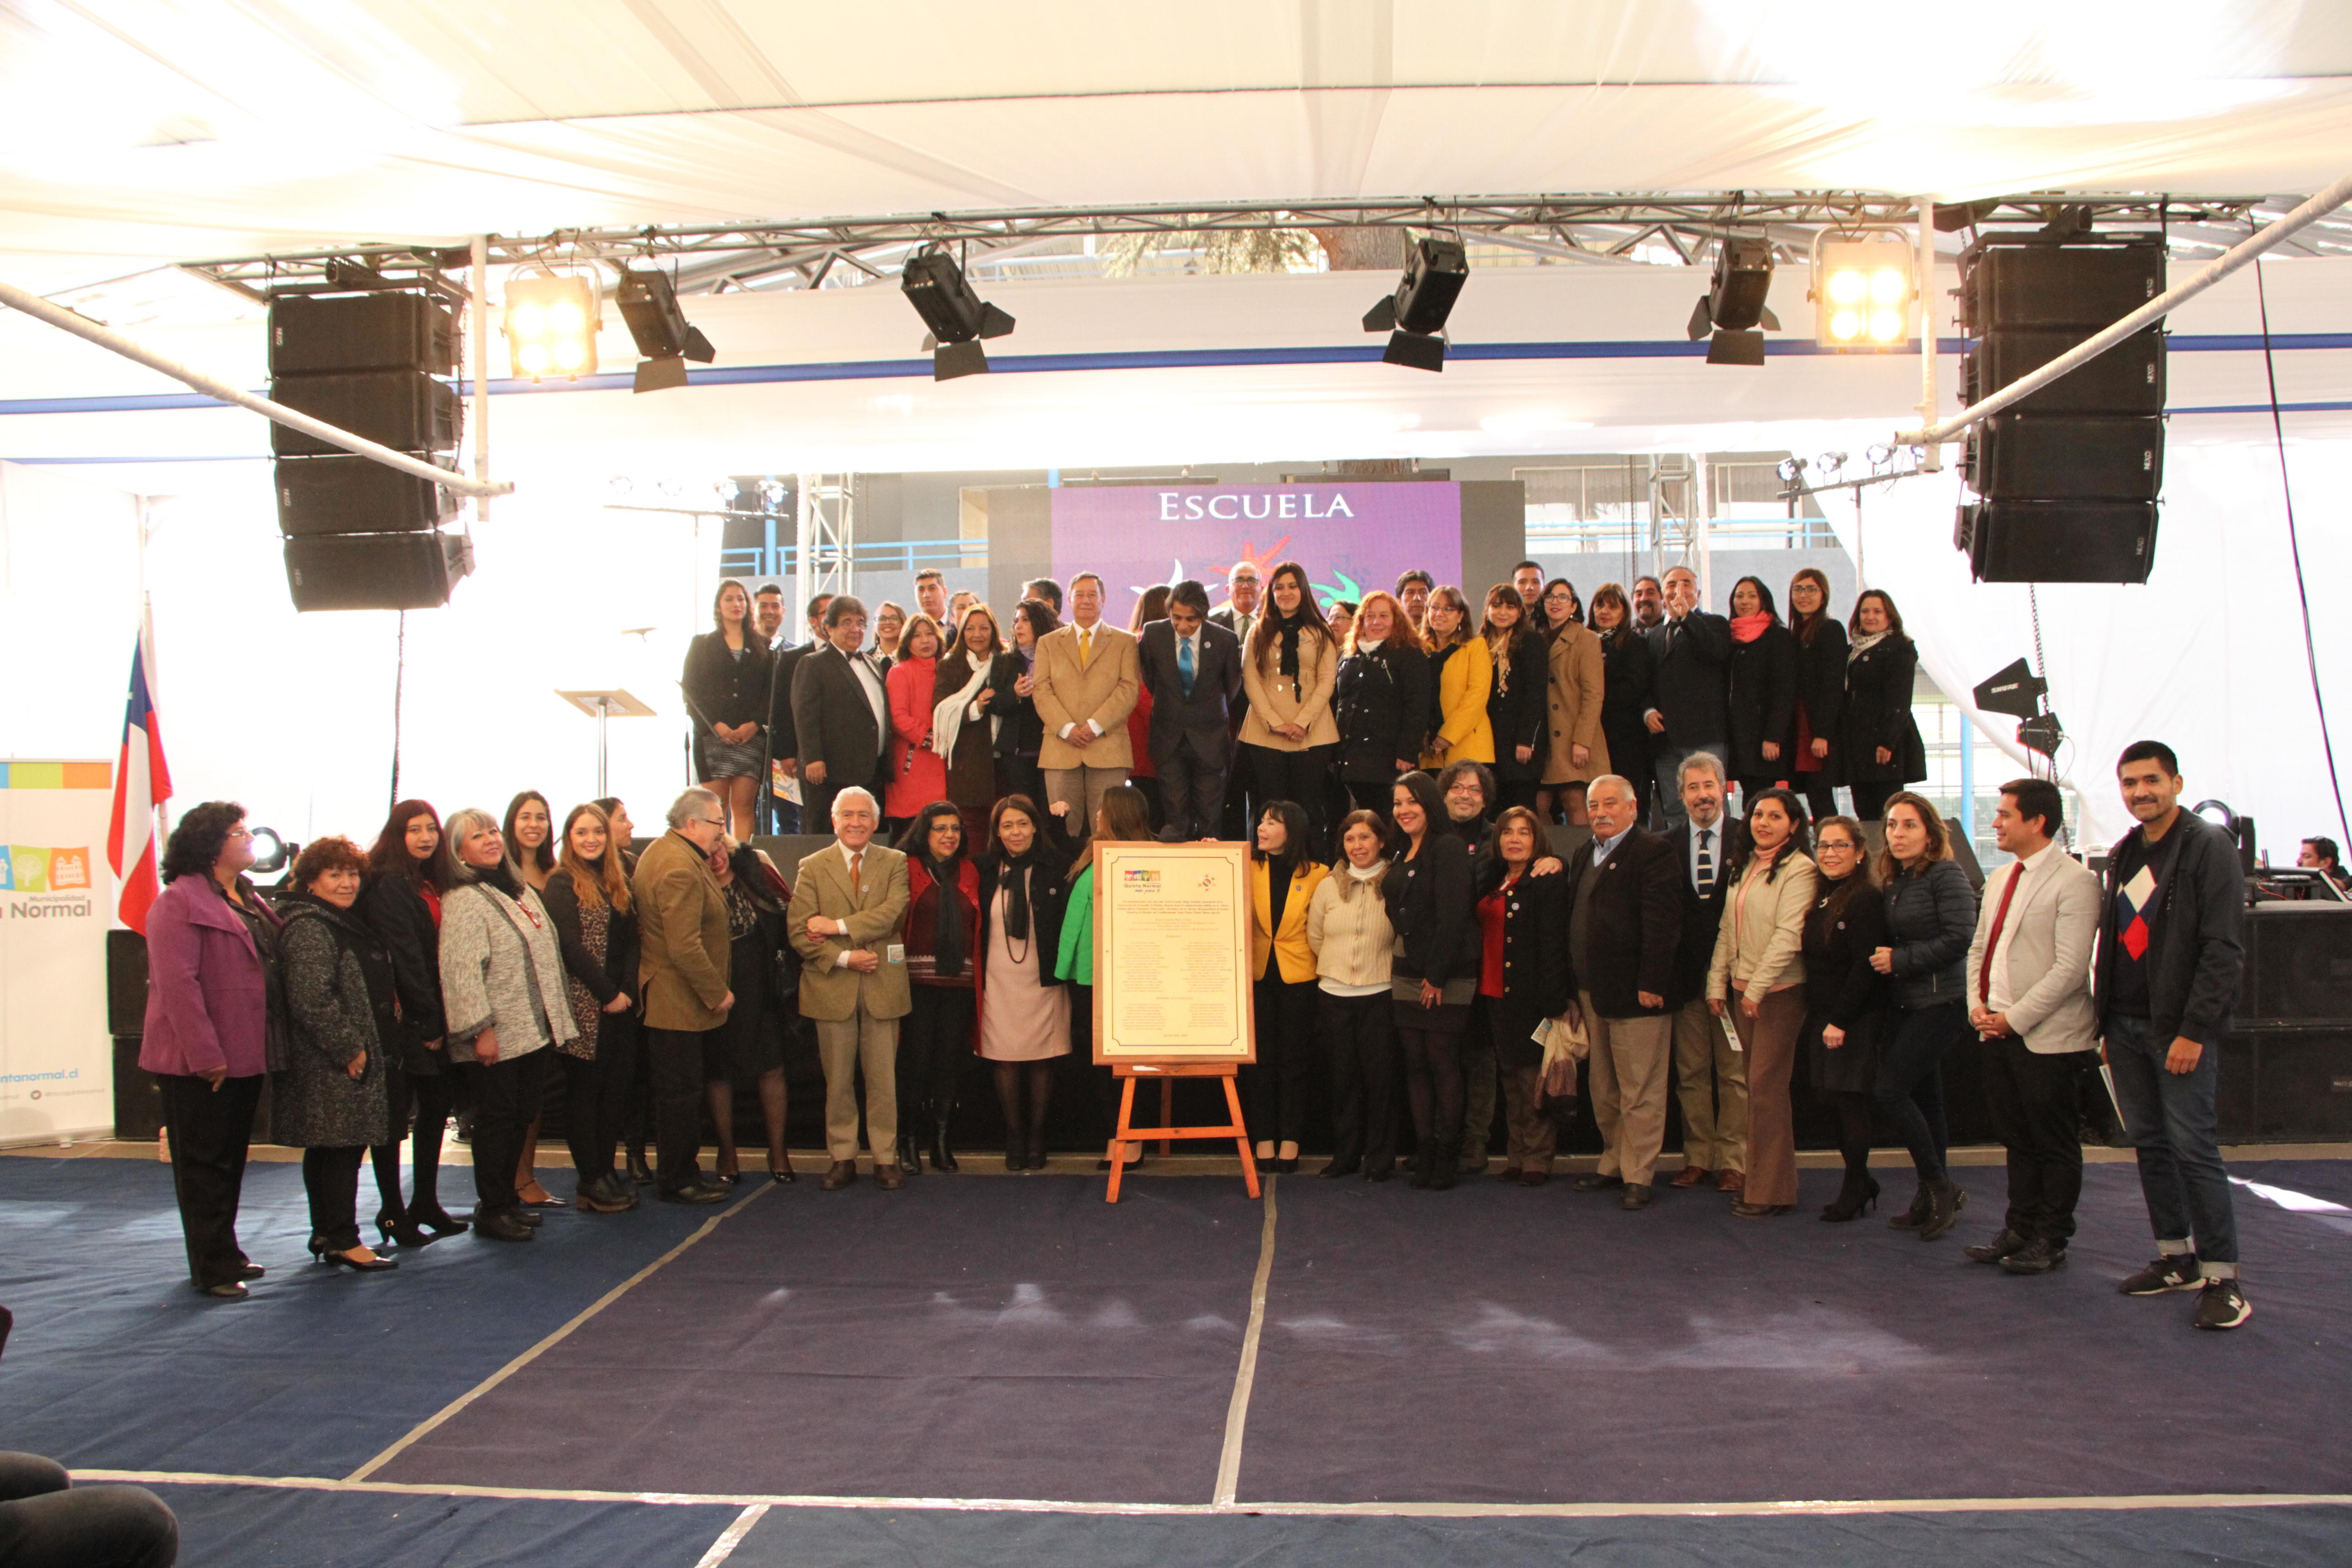 Con diversas actividades Escuela Diego Portales celebró 100 años